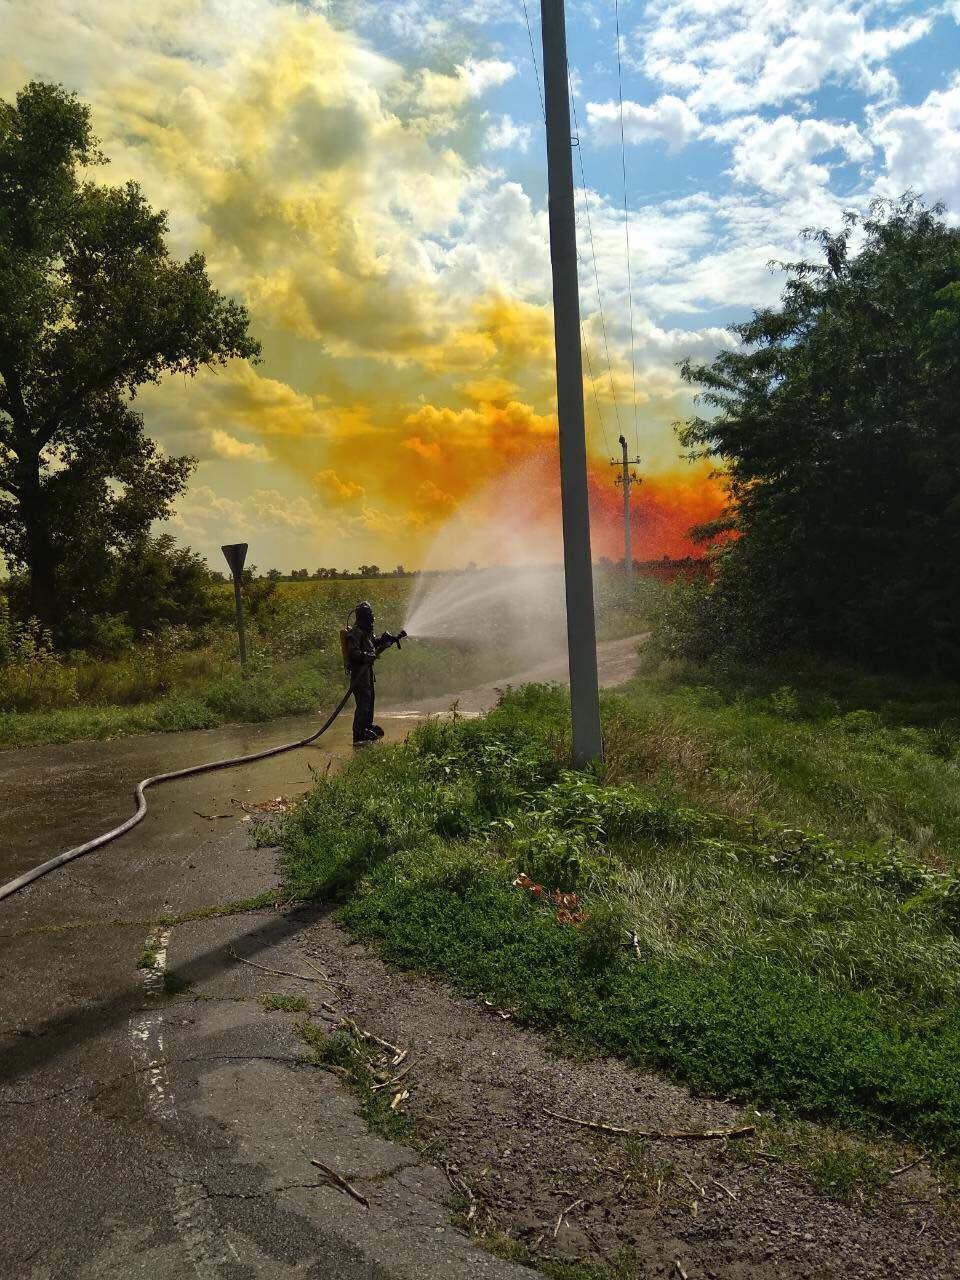 Утечка кислоты и ядовито-оранжевое облако: под Днепром по трассе растеклось химическое вещество, - ФОТО, ВИДЕО, фото-4